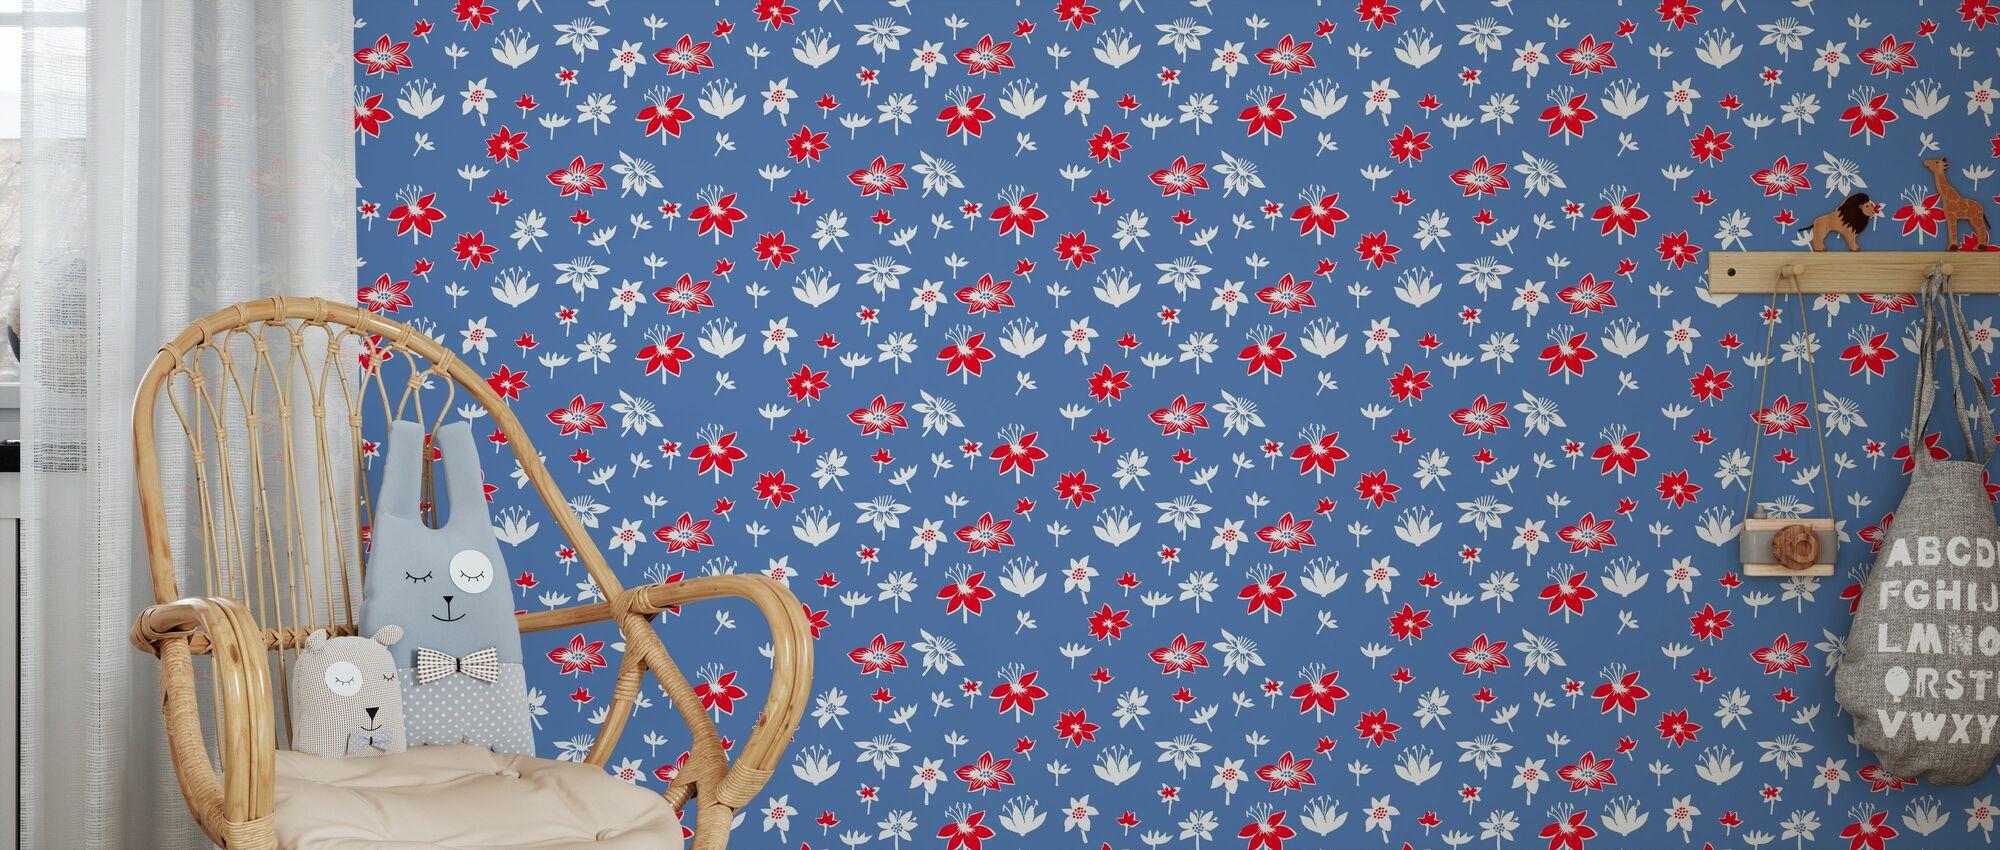 Moomin - Flowers - Wallpaper - Kids Room